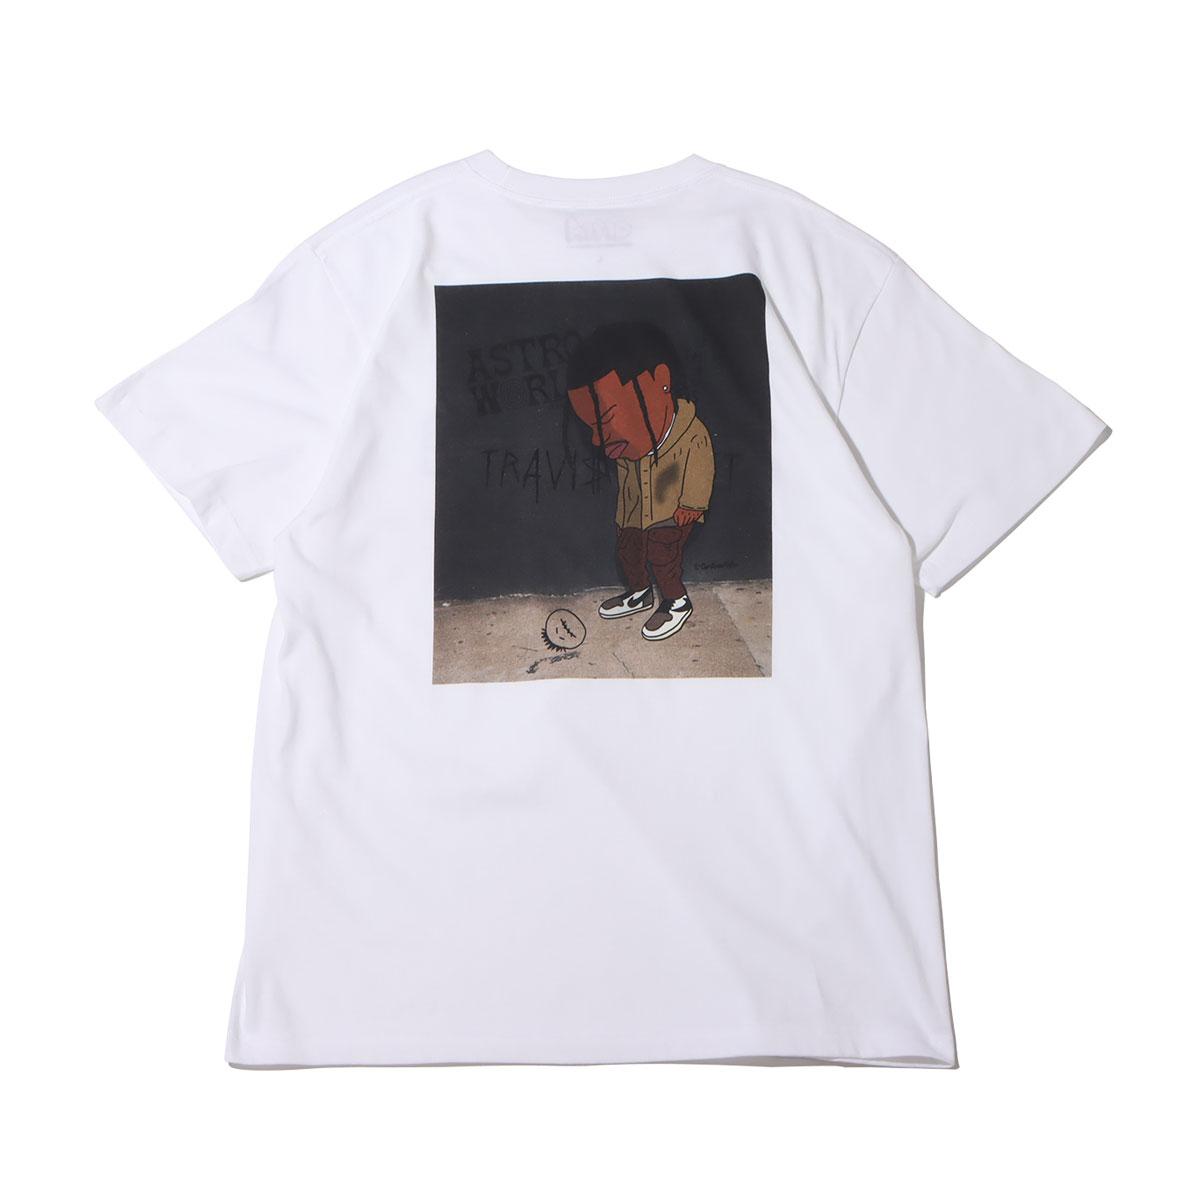 artrA(アルトラ) Tシャツ9